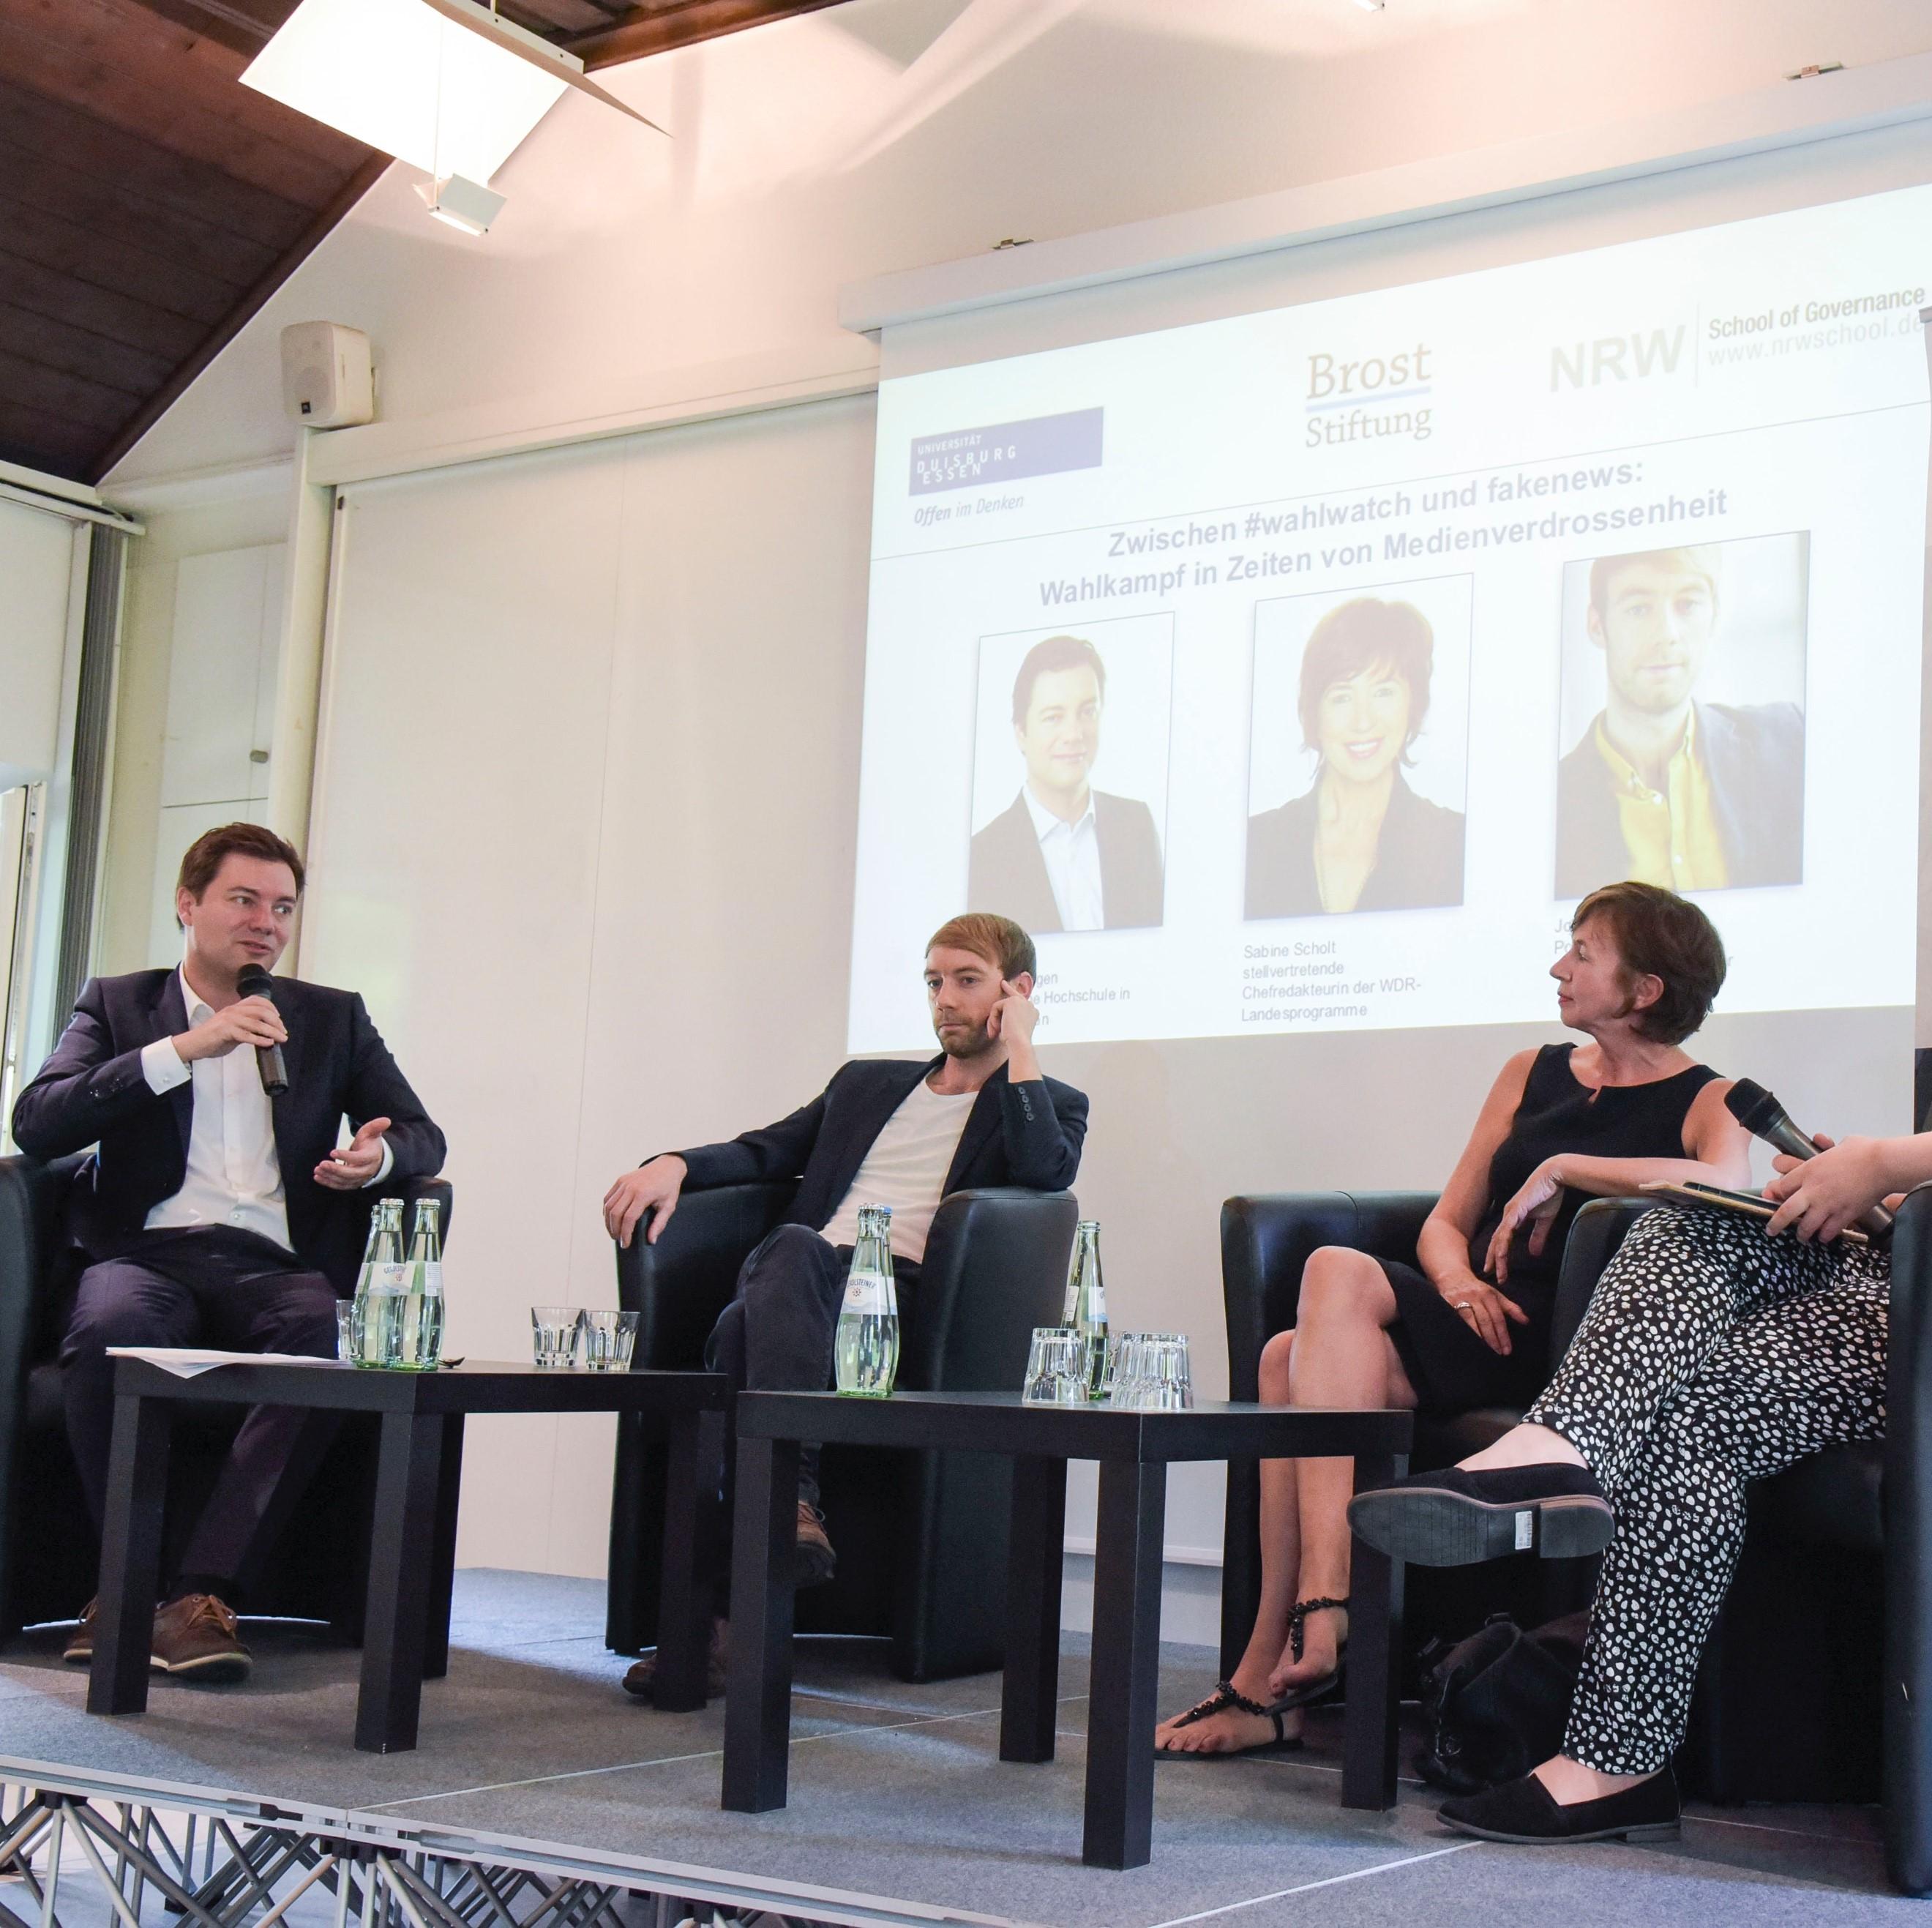 Matthias Degen, Sabine Scholt und Johannes Hillje